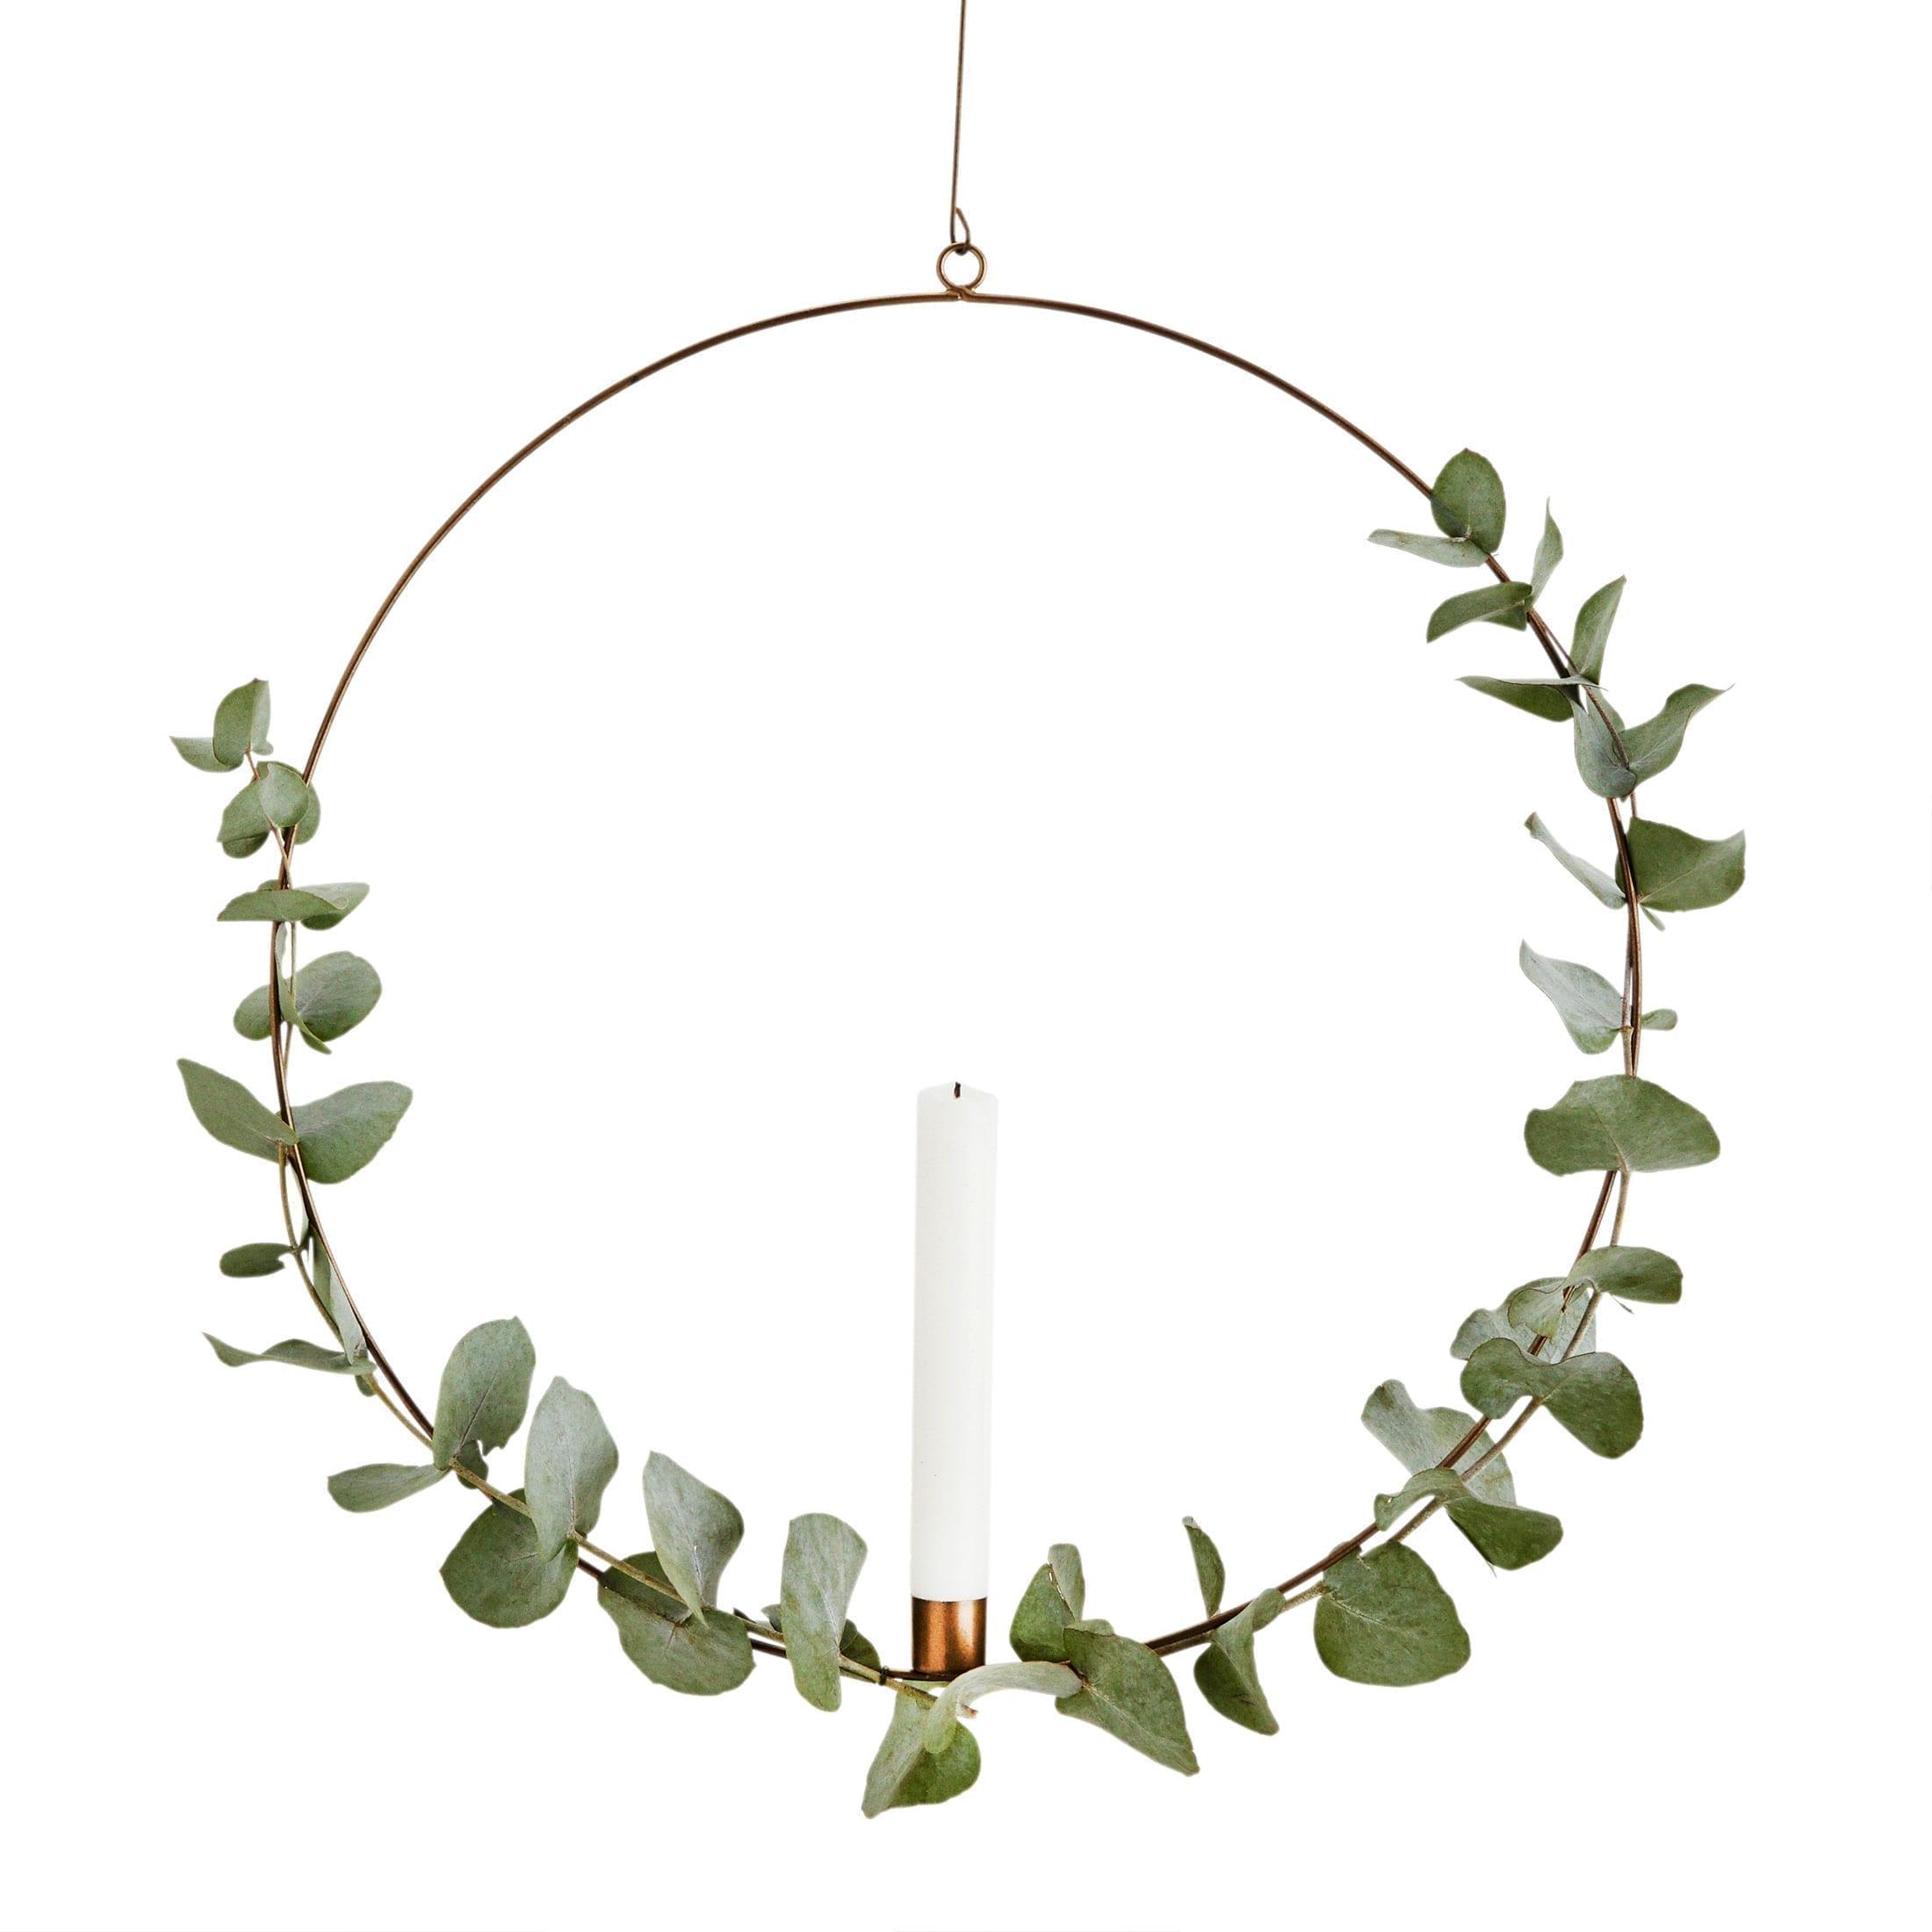 Kerzenring für den Advent als hängende Adventsdekoration